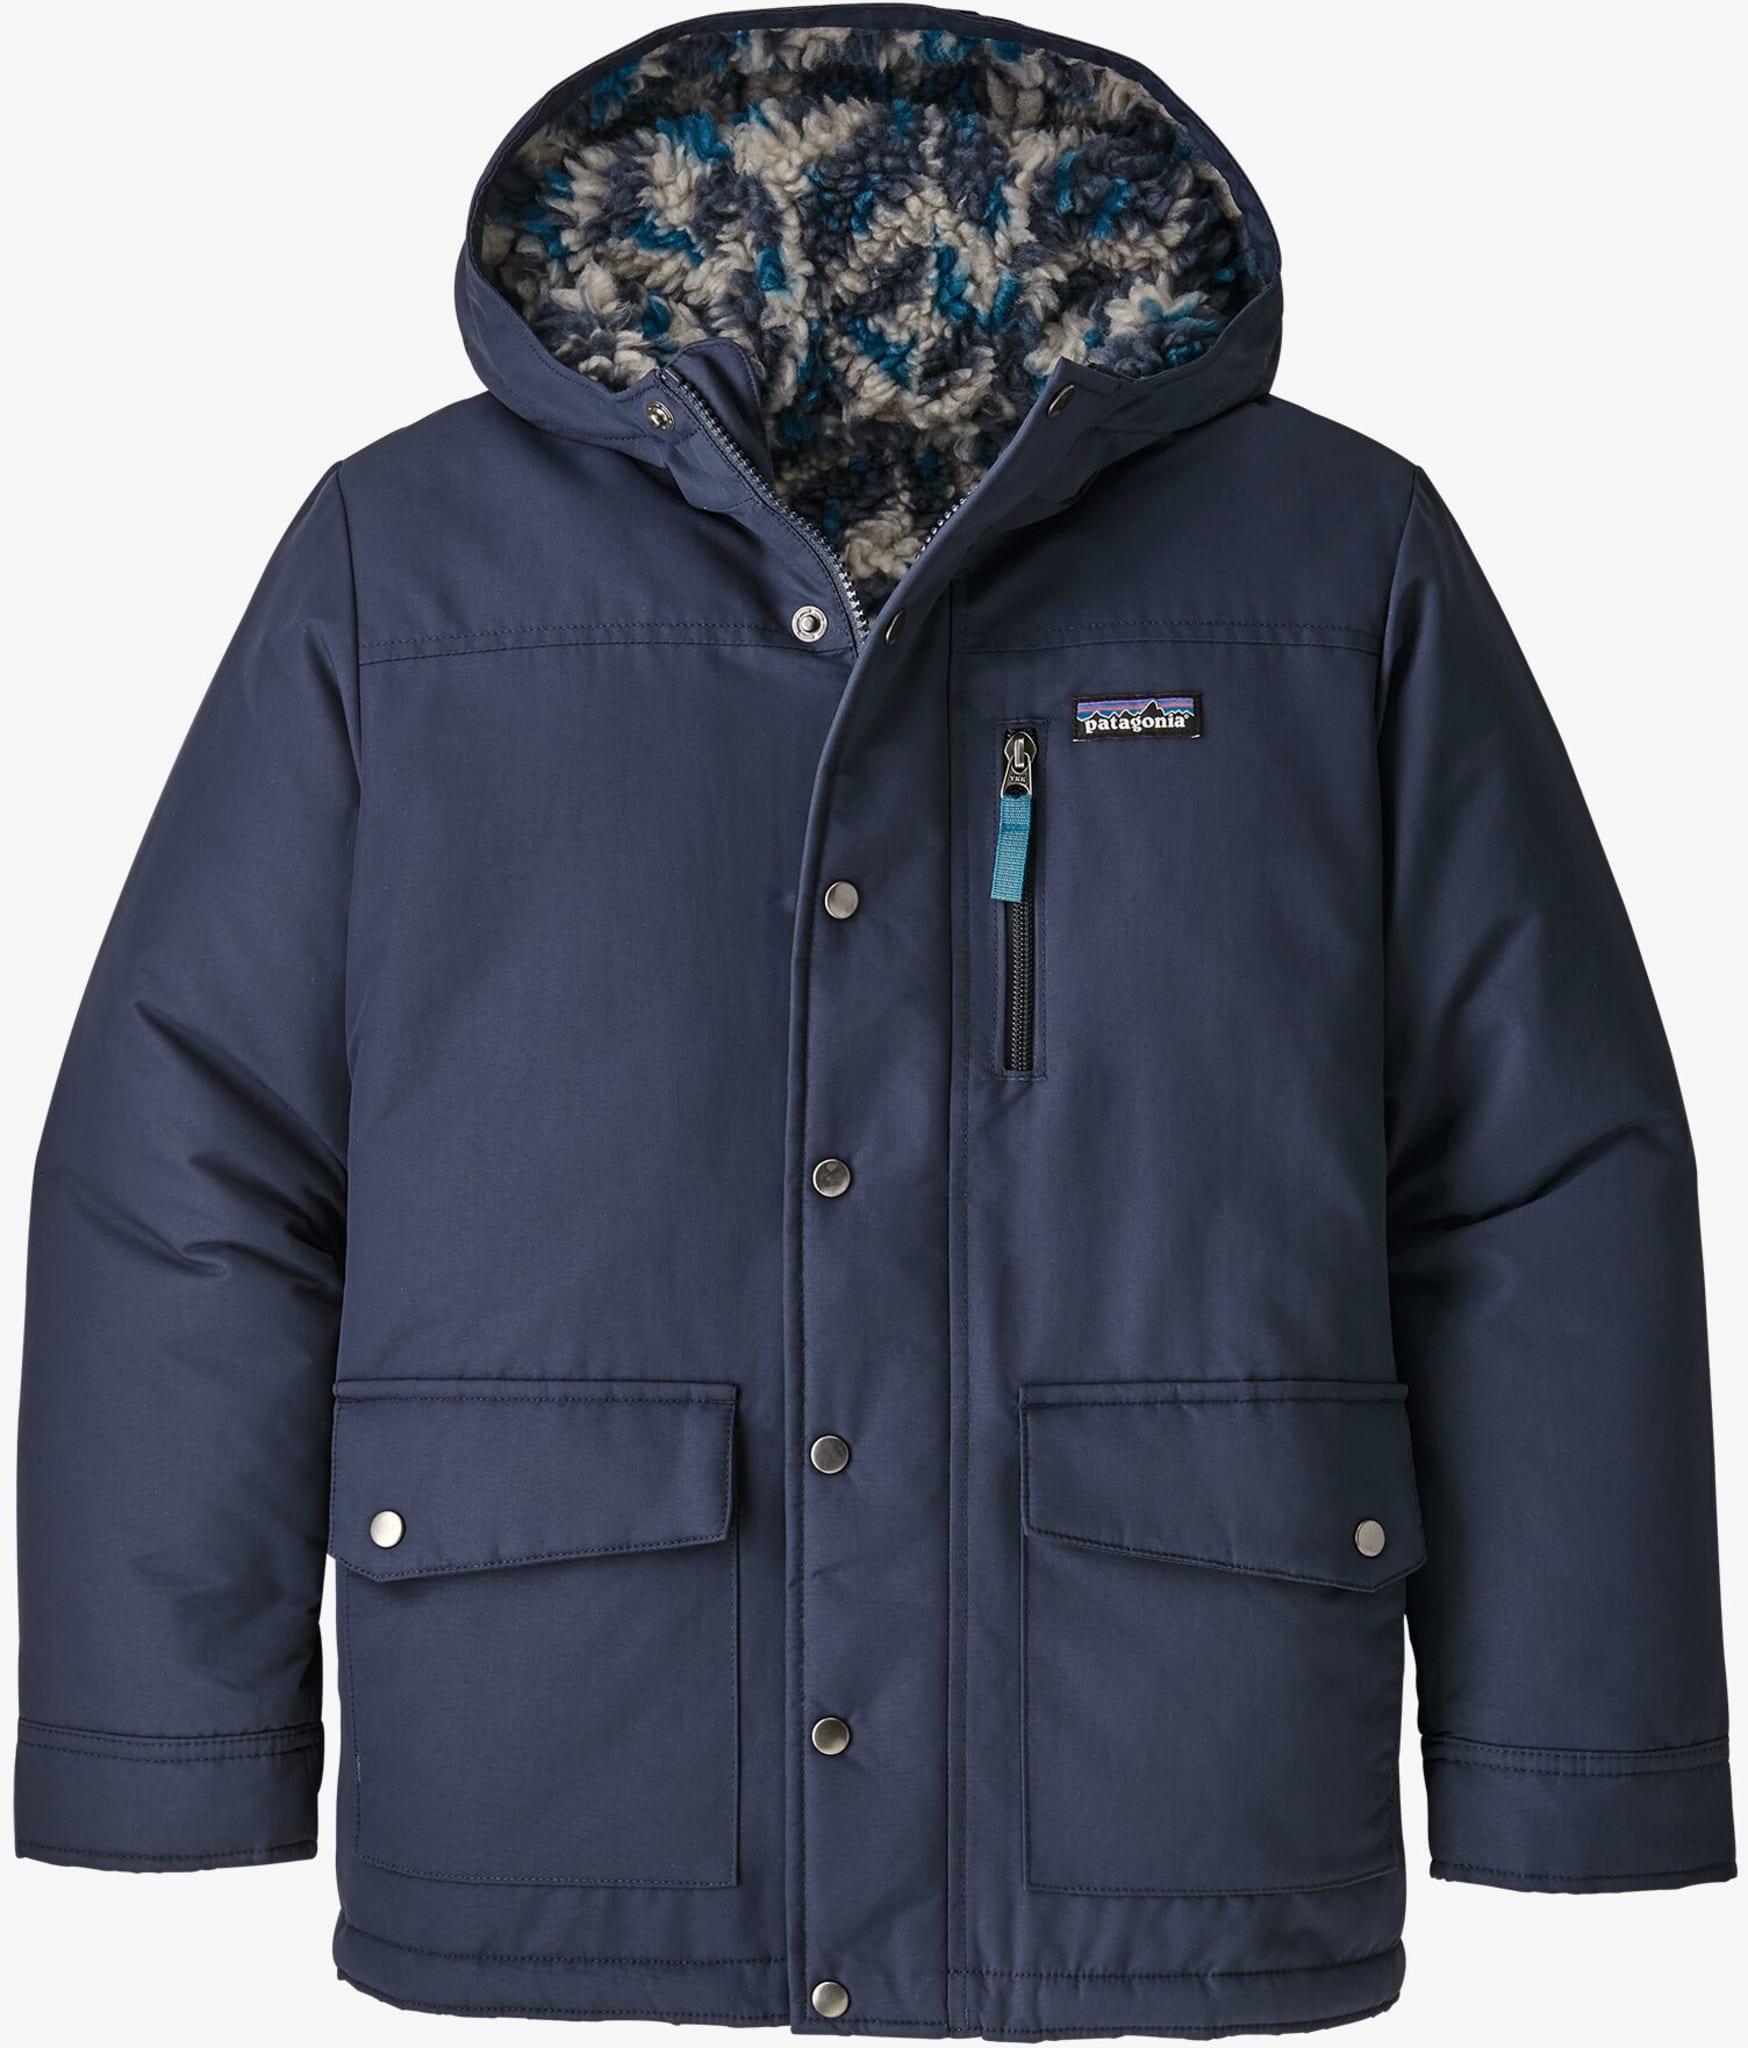 Varm og god jakke